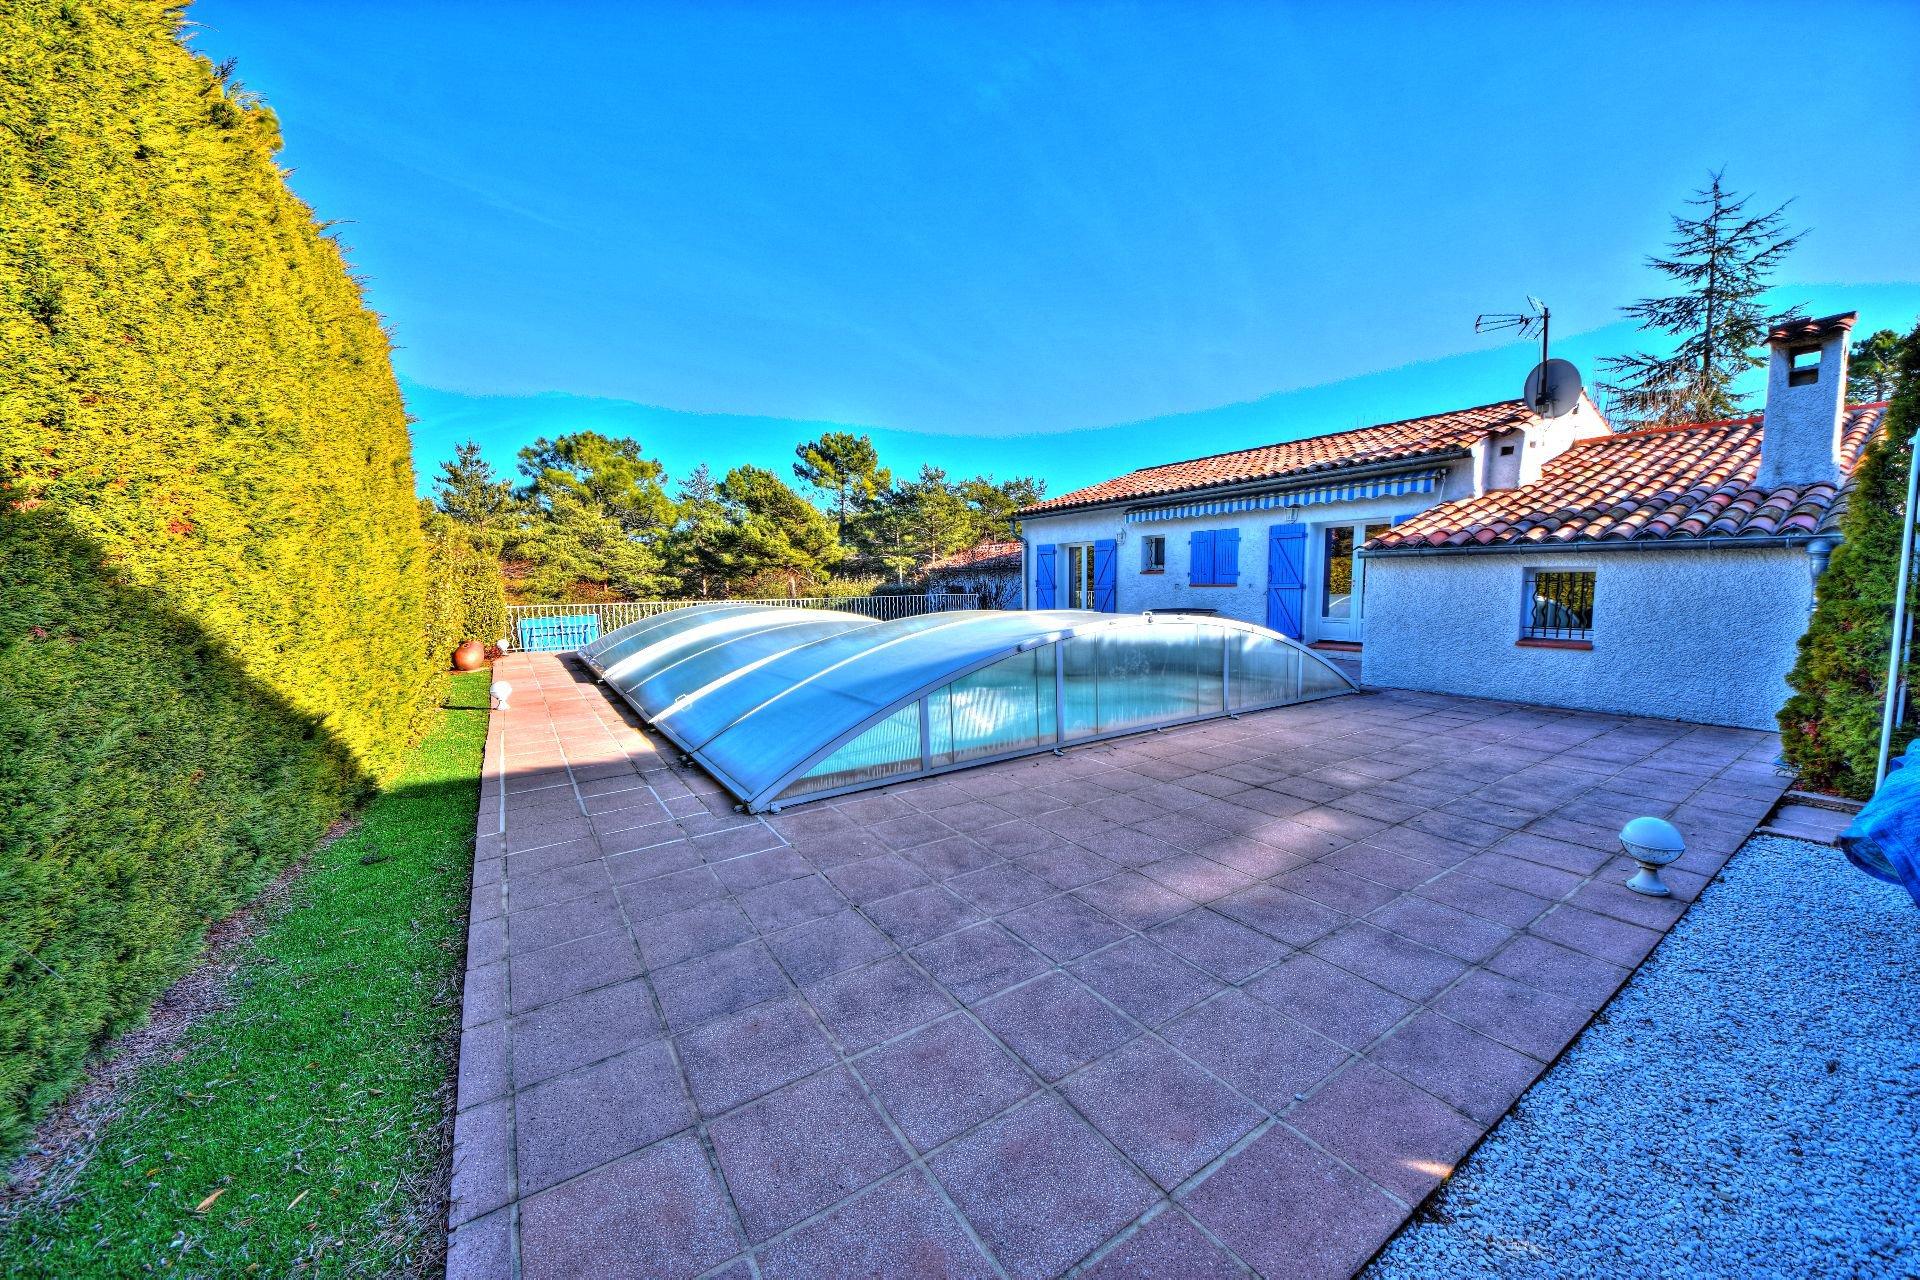 Terrain paysagé - jolie maison avec pétanque Var